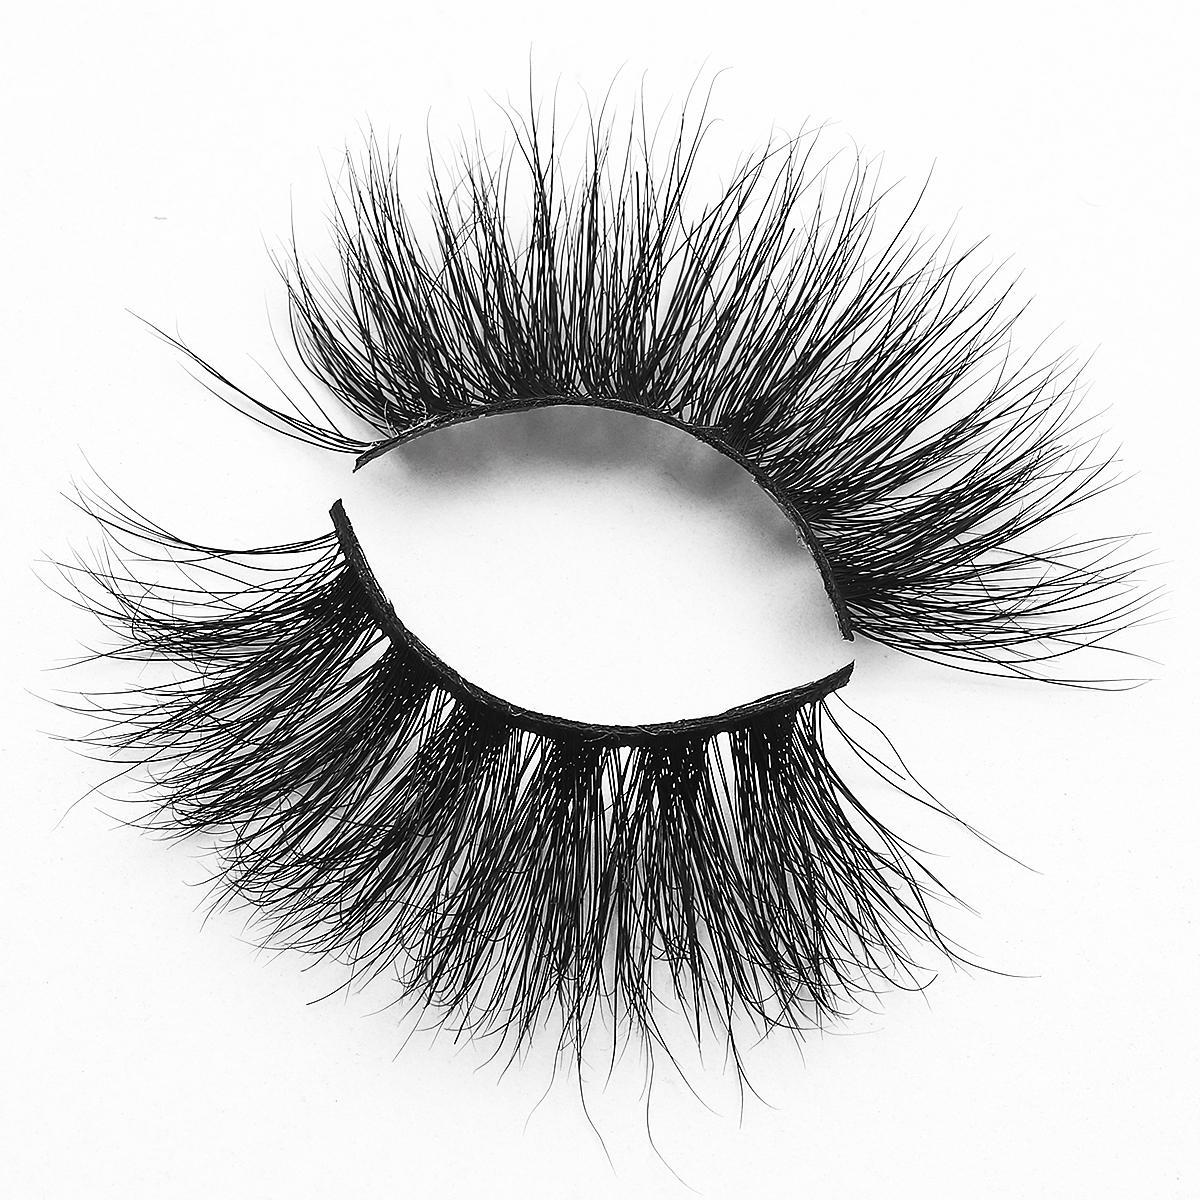 [Mink falsche Wimpern-MXL29] 100% Luxus 5d Mink Wimpern dauerhafte Wimpern lange überlagerte Wispy Fluffy Wimpernhändler Angekippte Kästchen